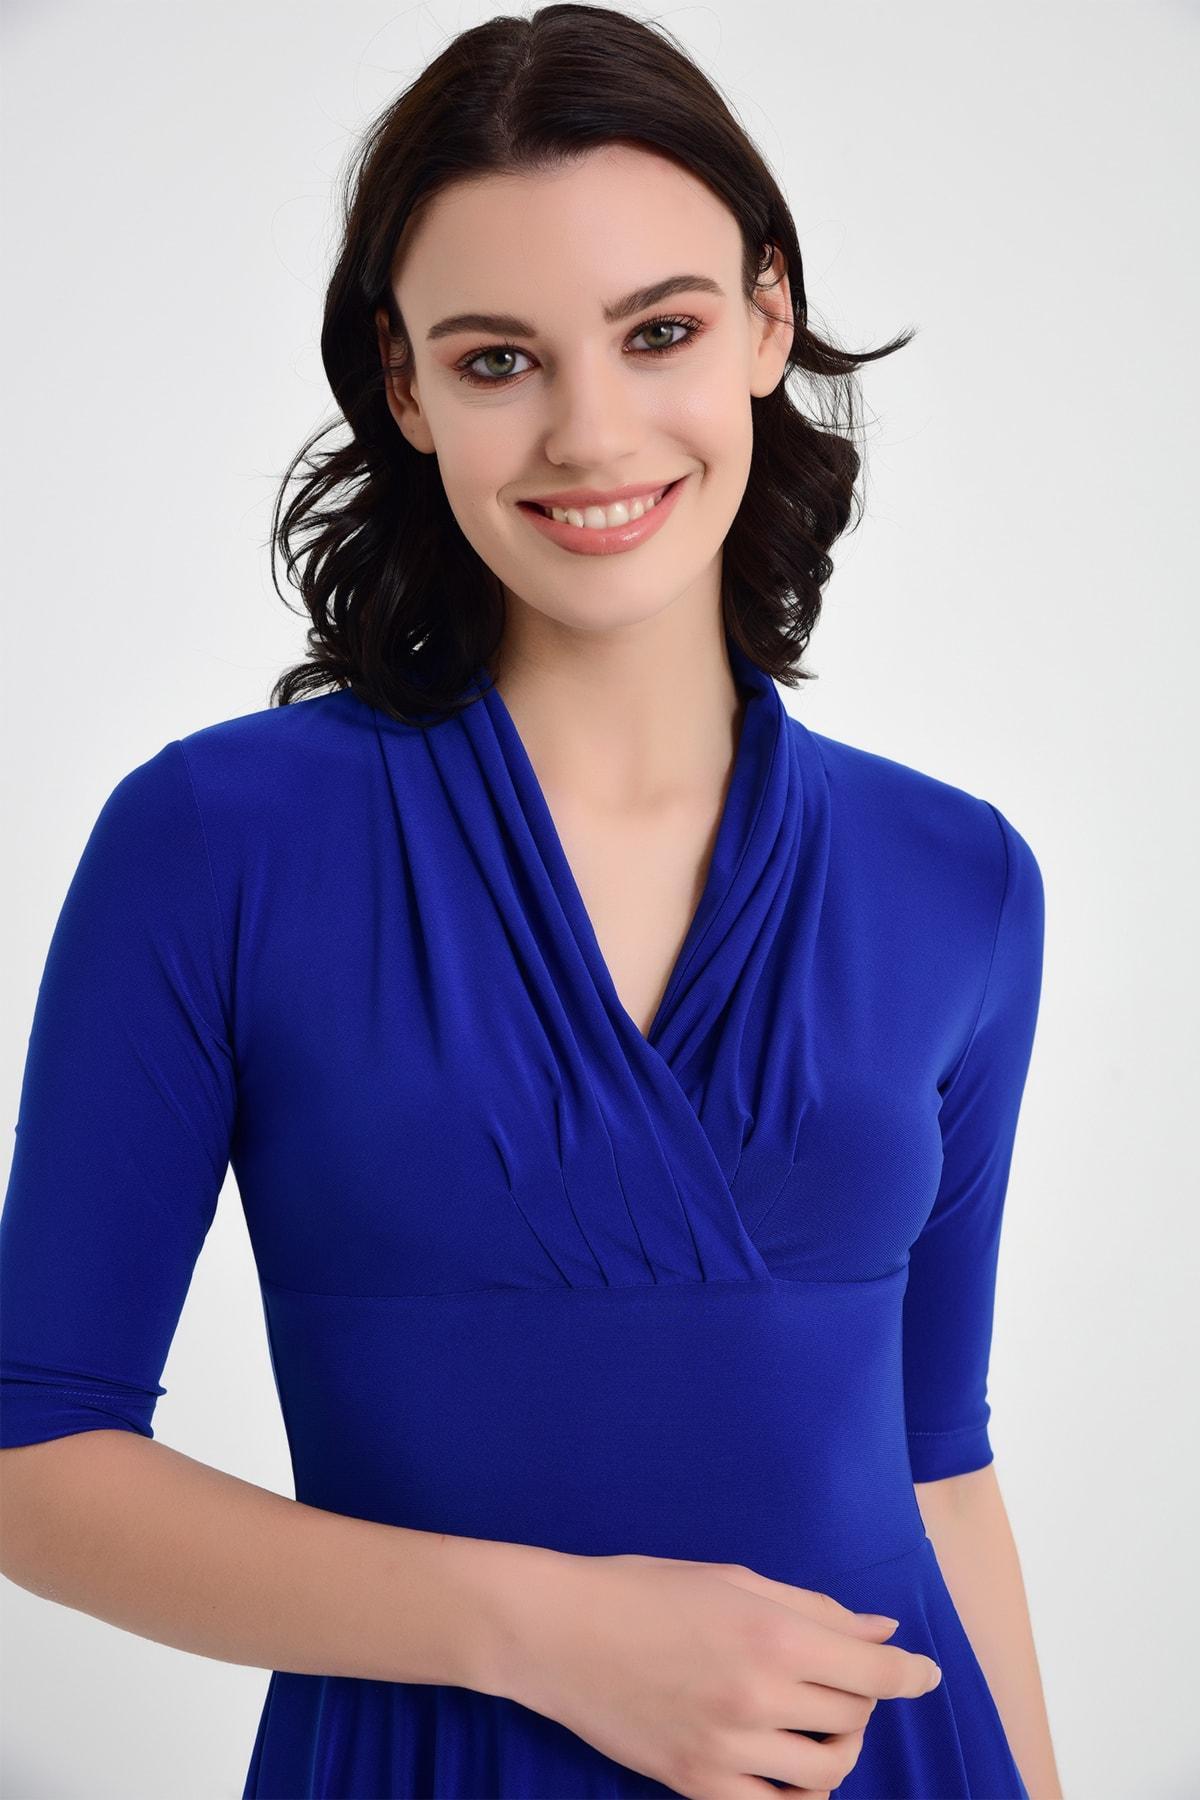 Laranor Kadın Sax Mavi Yaka Detay Hareketli Etek Elbise 2